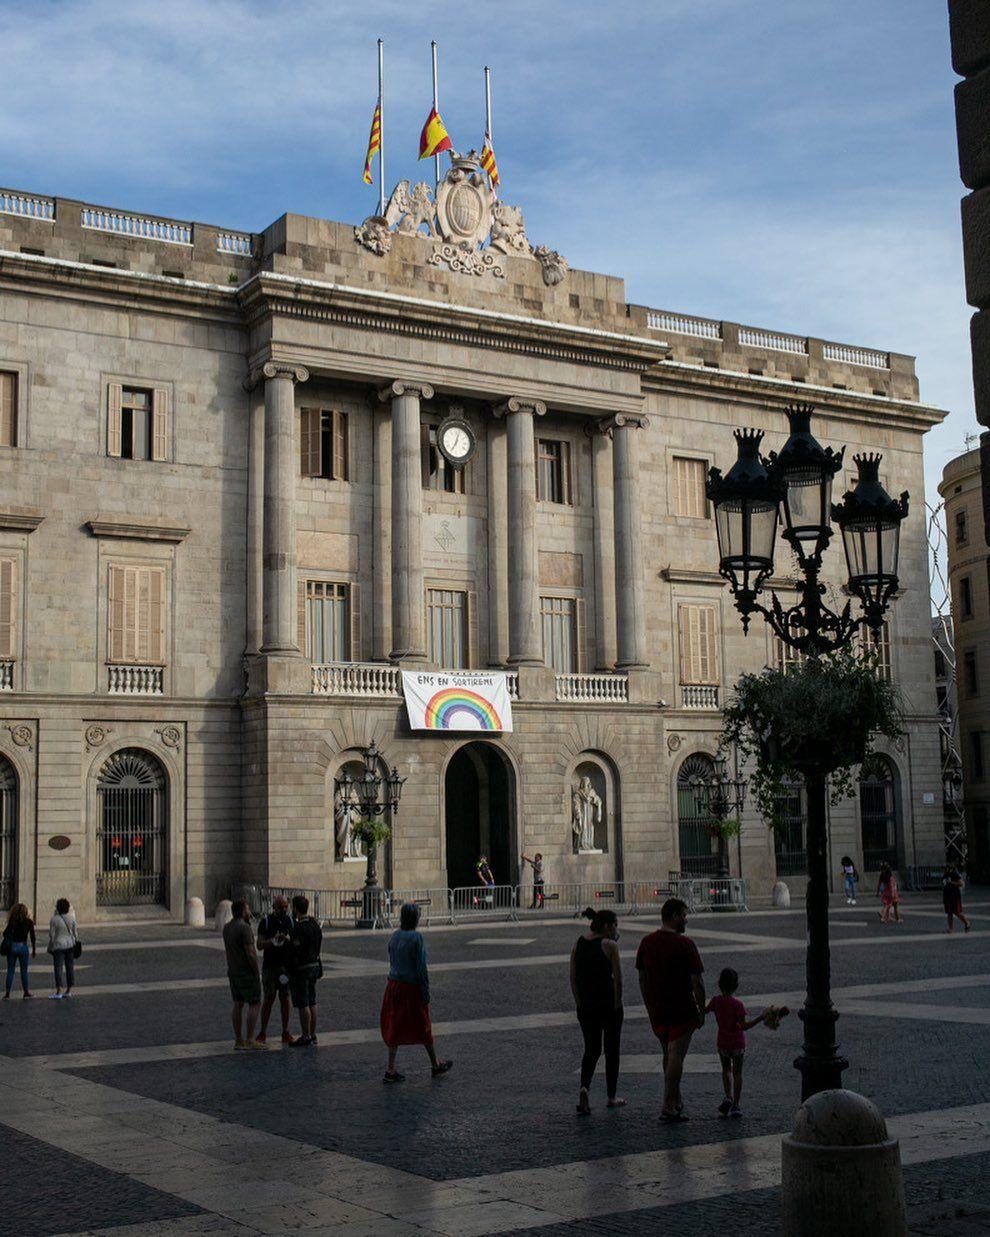 Parece que fue hace mil años cuando lo normal era ver esta plaza llena de grandes grupos de bicicletas de alquiler y guías turísticos esperando a sus clientes...      #barcelona #plaçasantjaume #santjaume #ciutatvella #barrigotic #catalunya_streets #catalonia_streets #raconsde_barcelona #ig_barcelones #topbcn_ #ok_catalunya #total_catalunya #bcnmoltmes #travel #travelgram #instatravel #passionpassport #gothicquarter #Barceloona #barcelonatravels #topbarcelonaphoto #visitbarcelona #igersspain #Ca